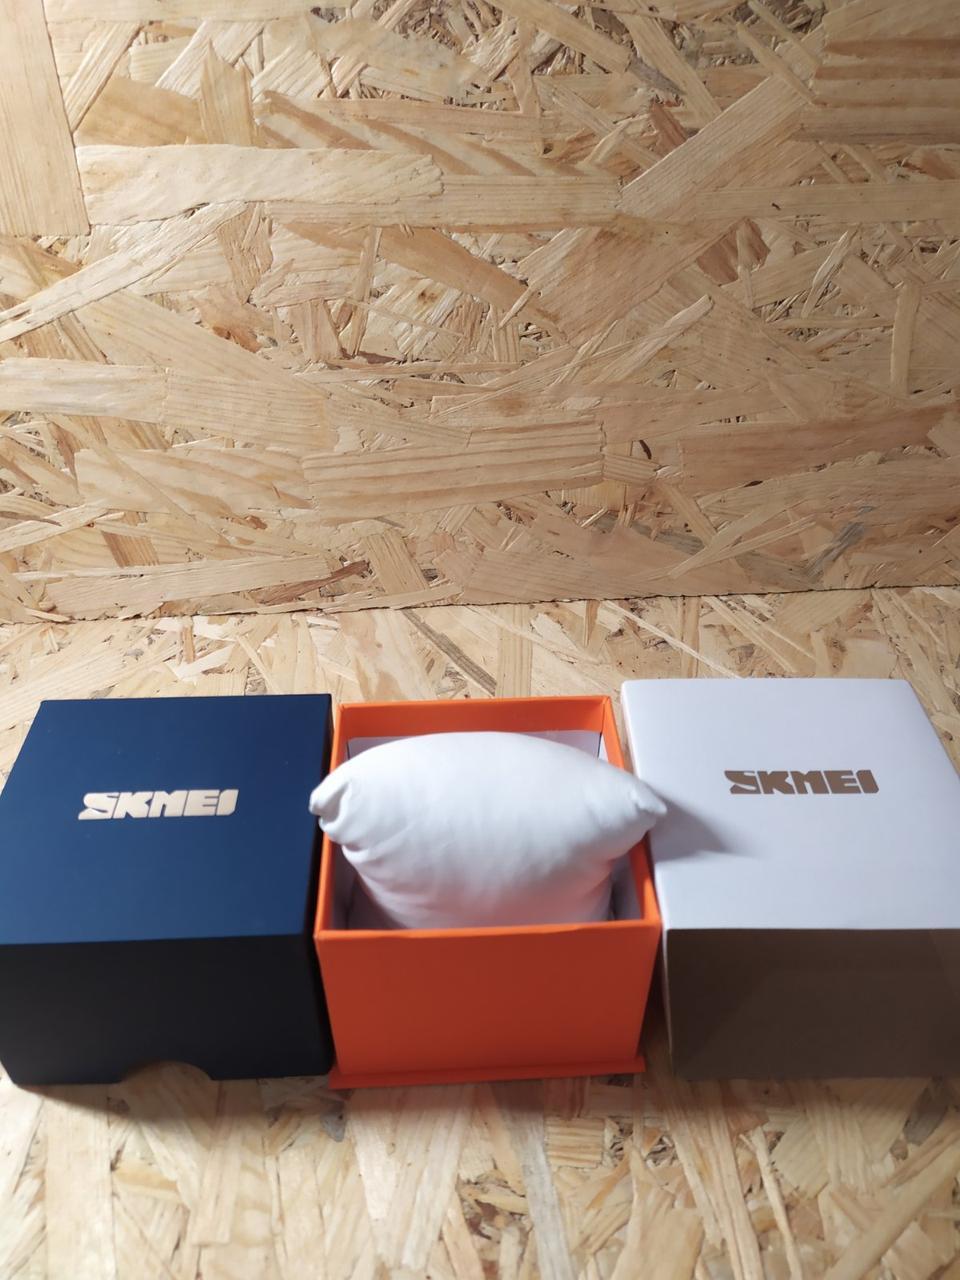 Skmei фірмова упаковка для 2 годин